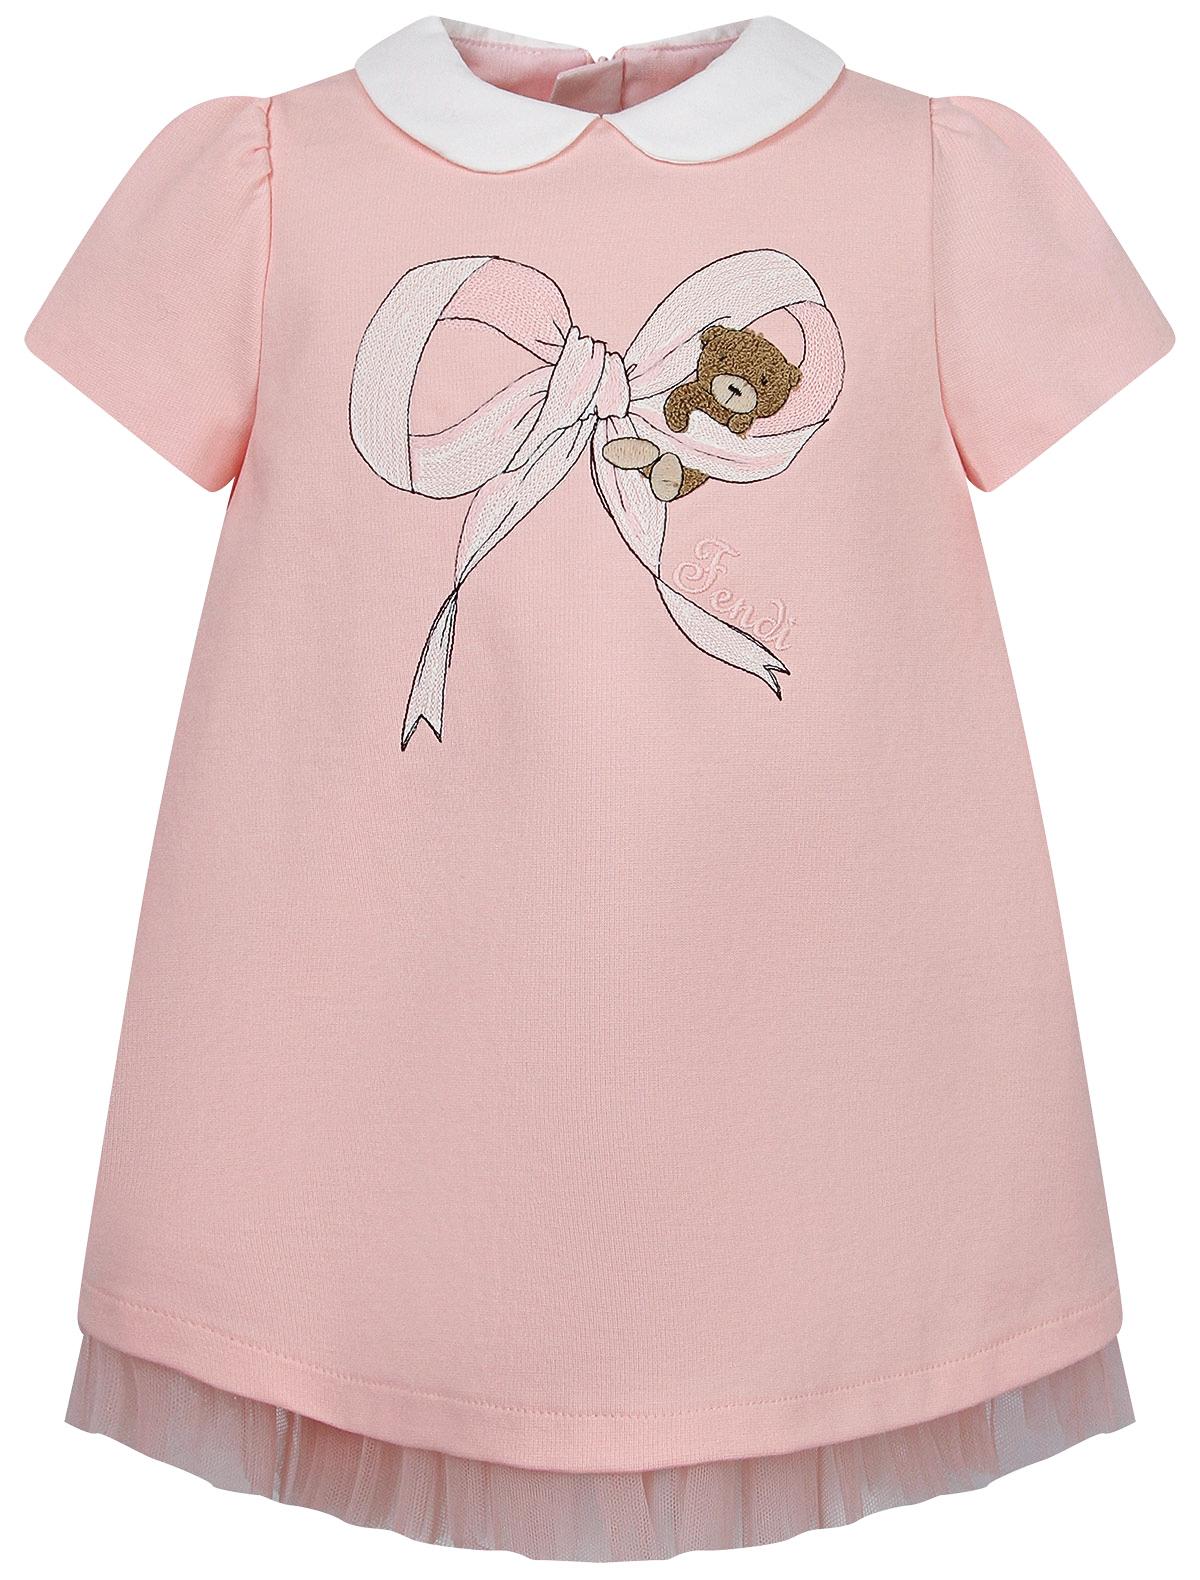 Купить 2266821, Платье Fendi, розовый, Женский, 1054609081914